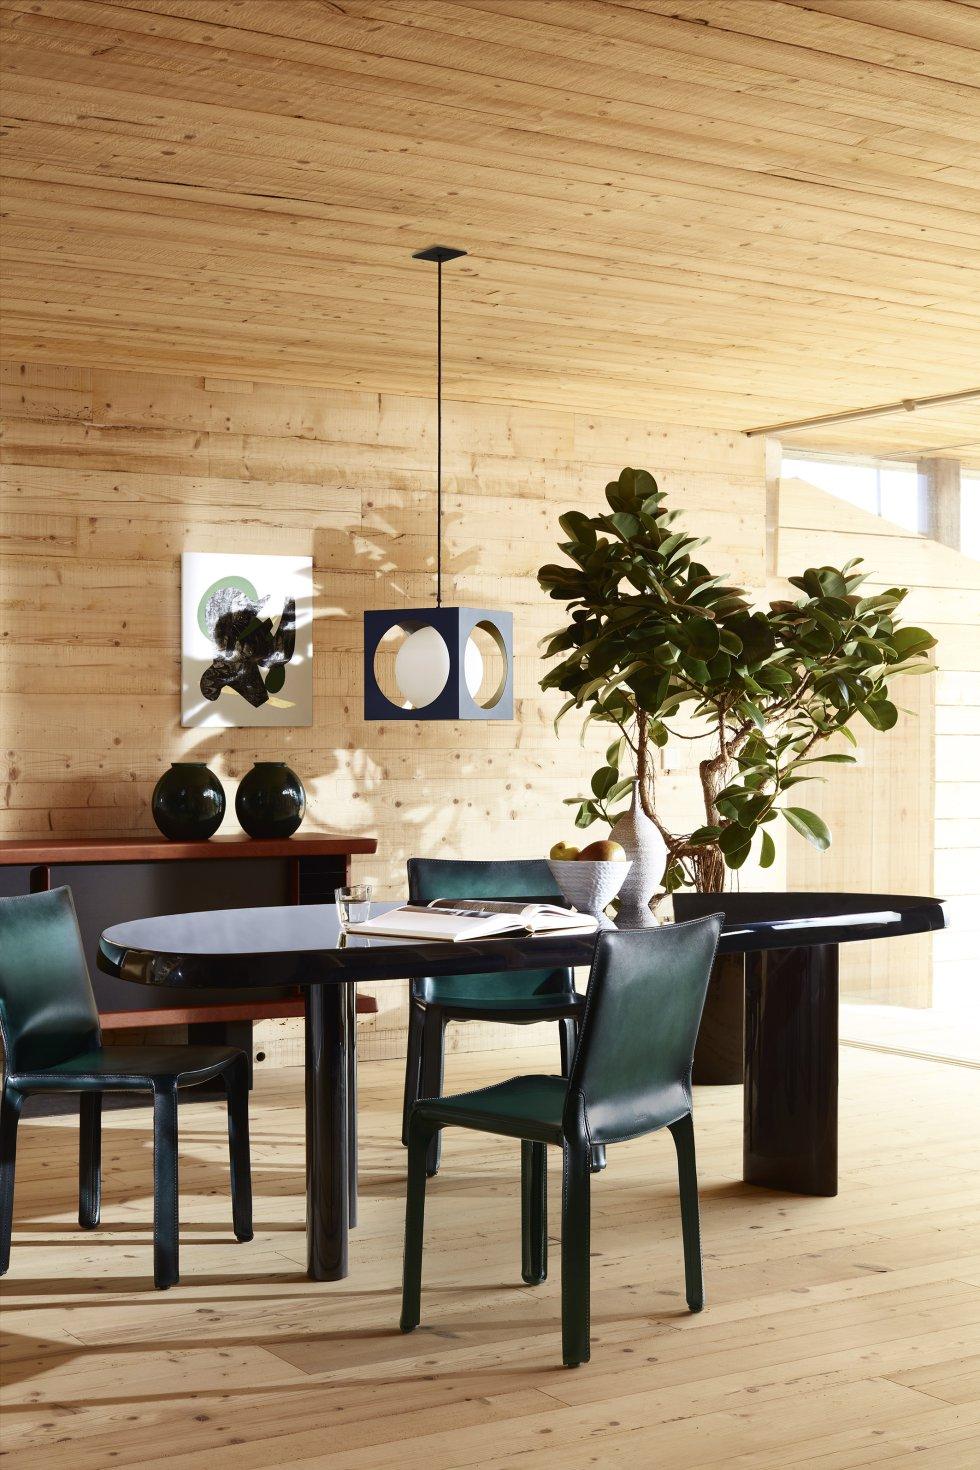 el futuro de la madera en el interiorismo - FC DECOR MAGAZINE